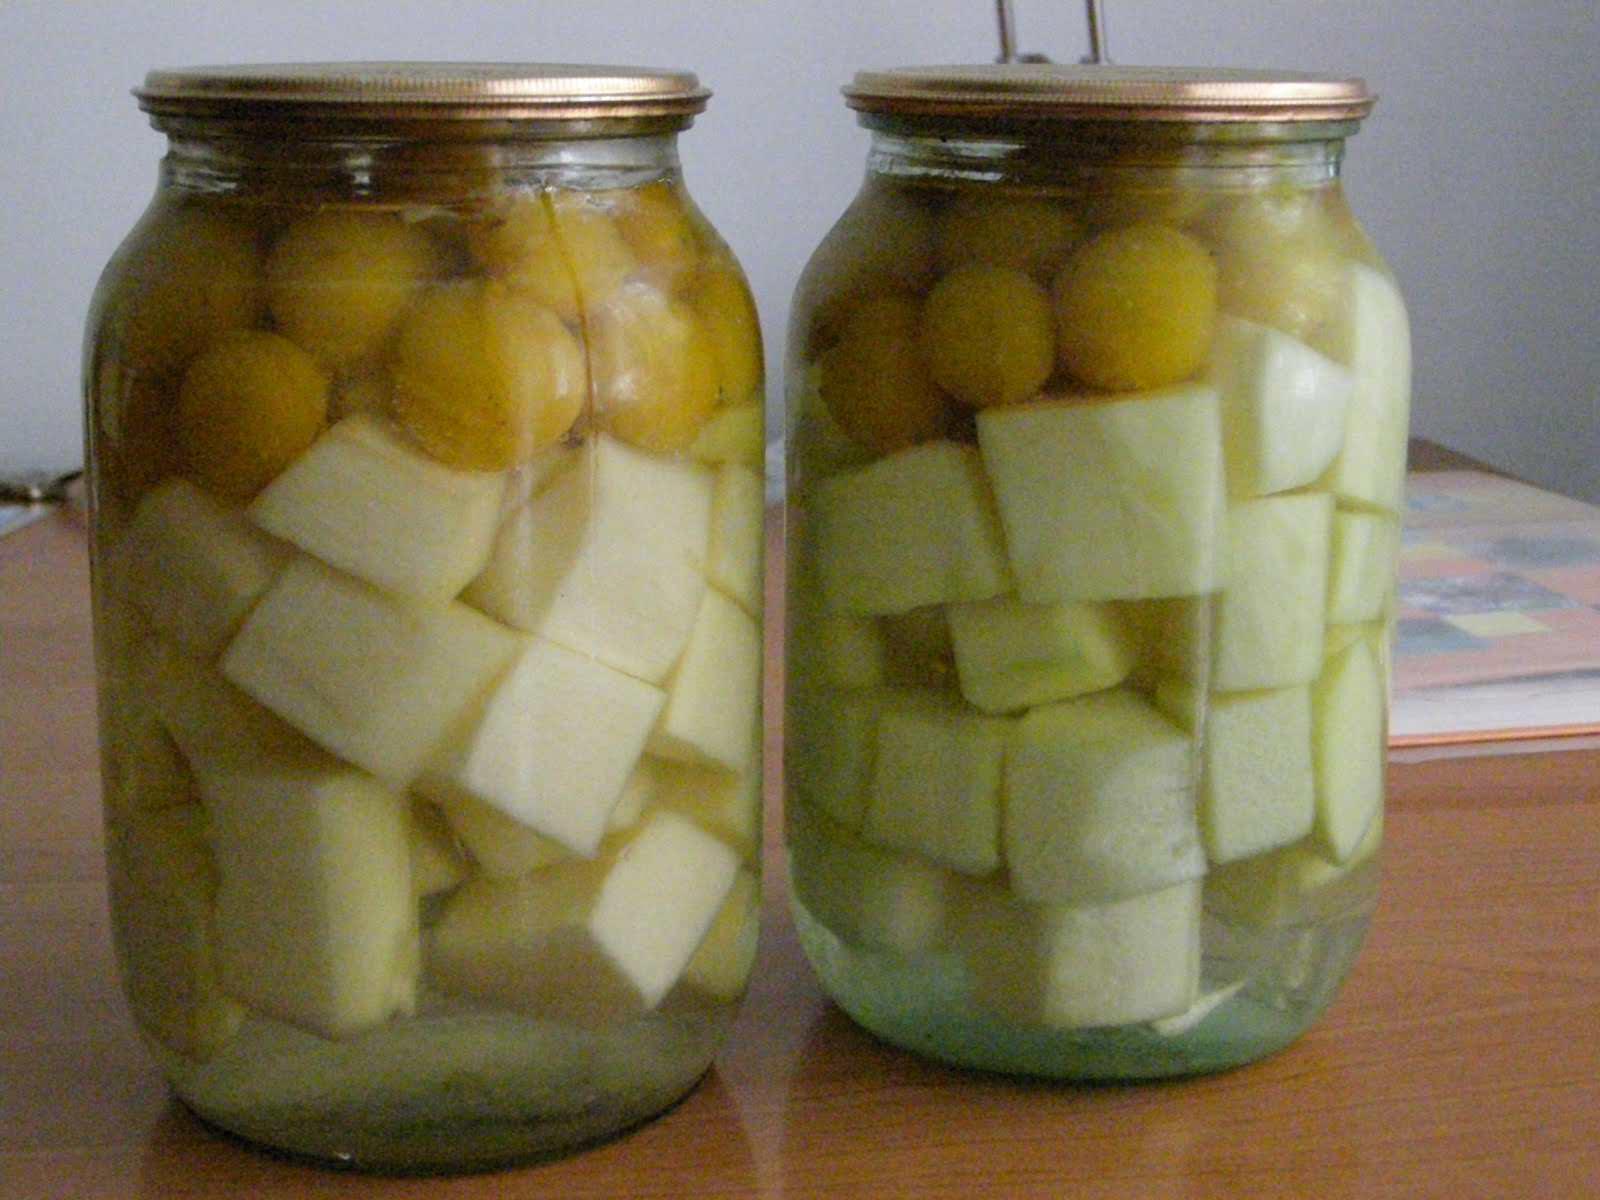 Необычная консервация, напоминающая по вкусу ананасы в сиропе